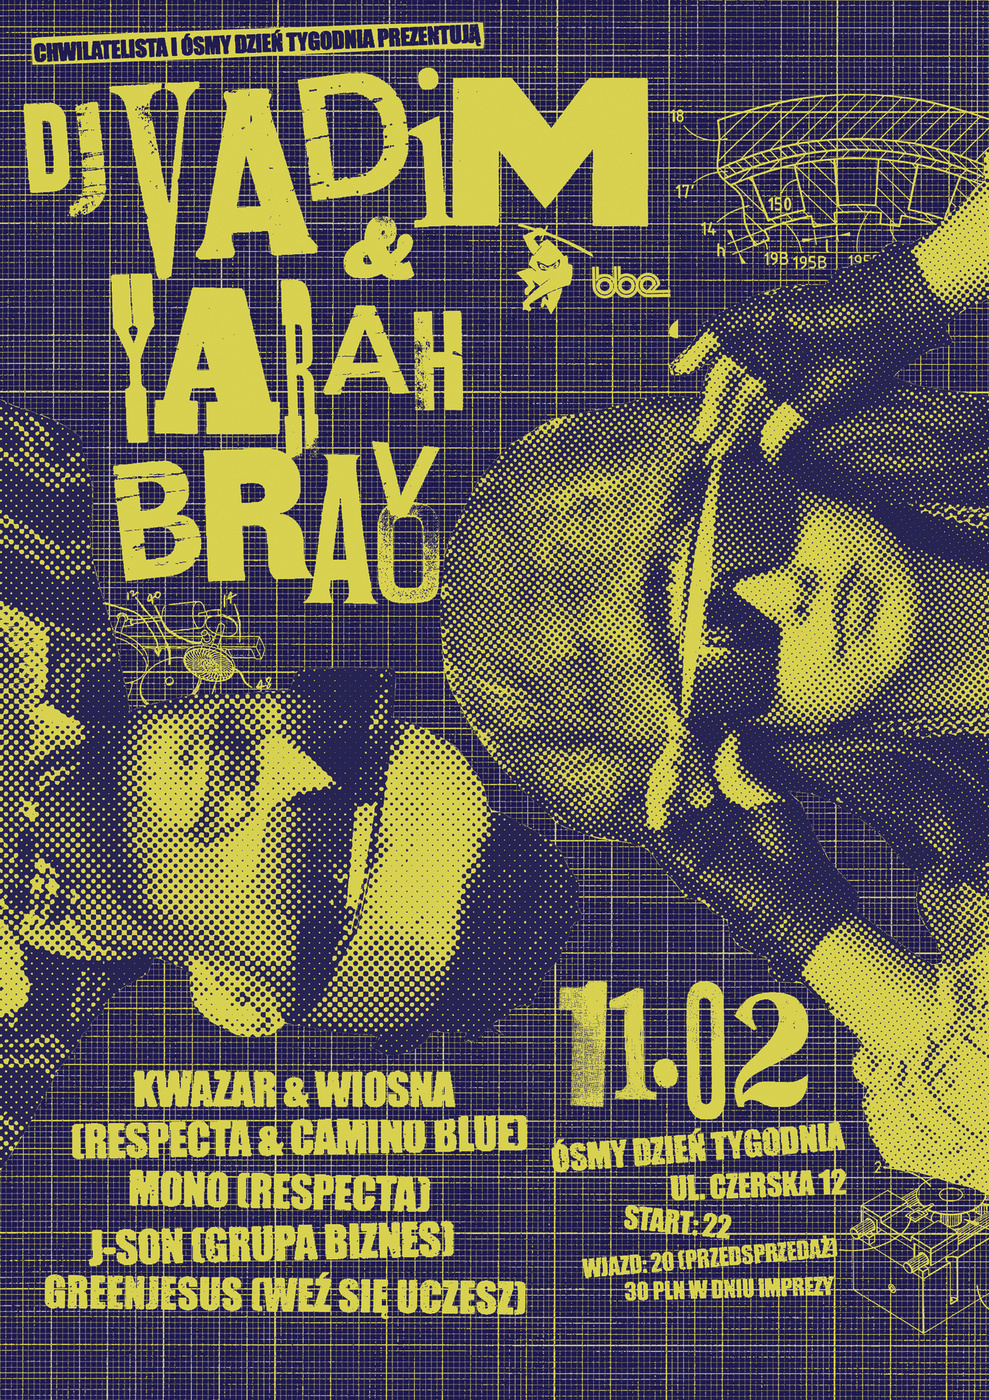 Poster by Bartosz Szymkiewicz